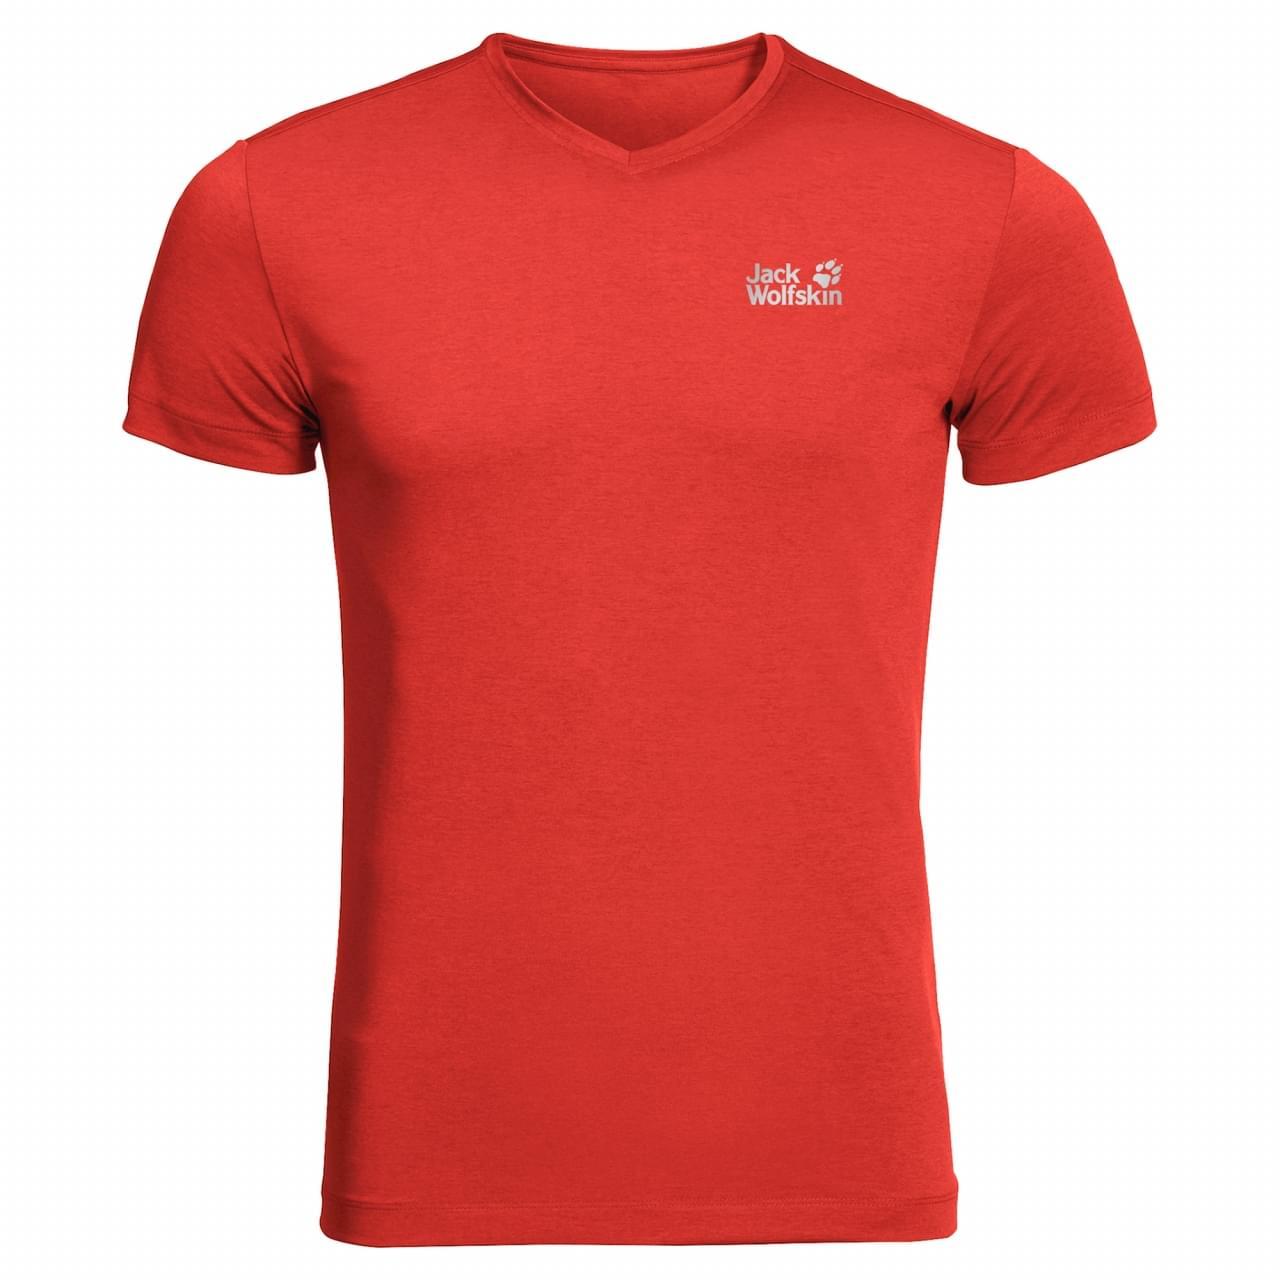 Jack Wolfskin JWP T-Shirt Heren Rood